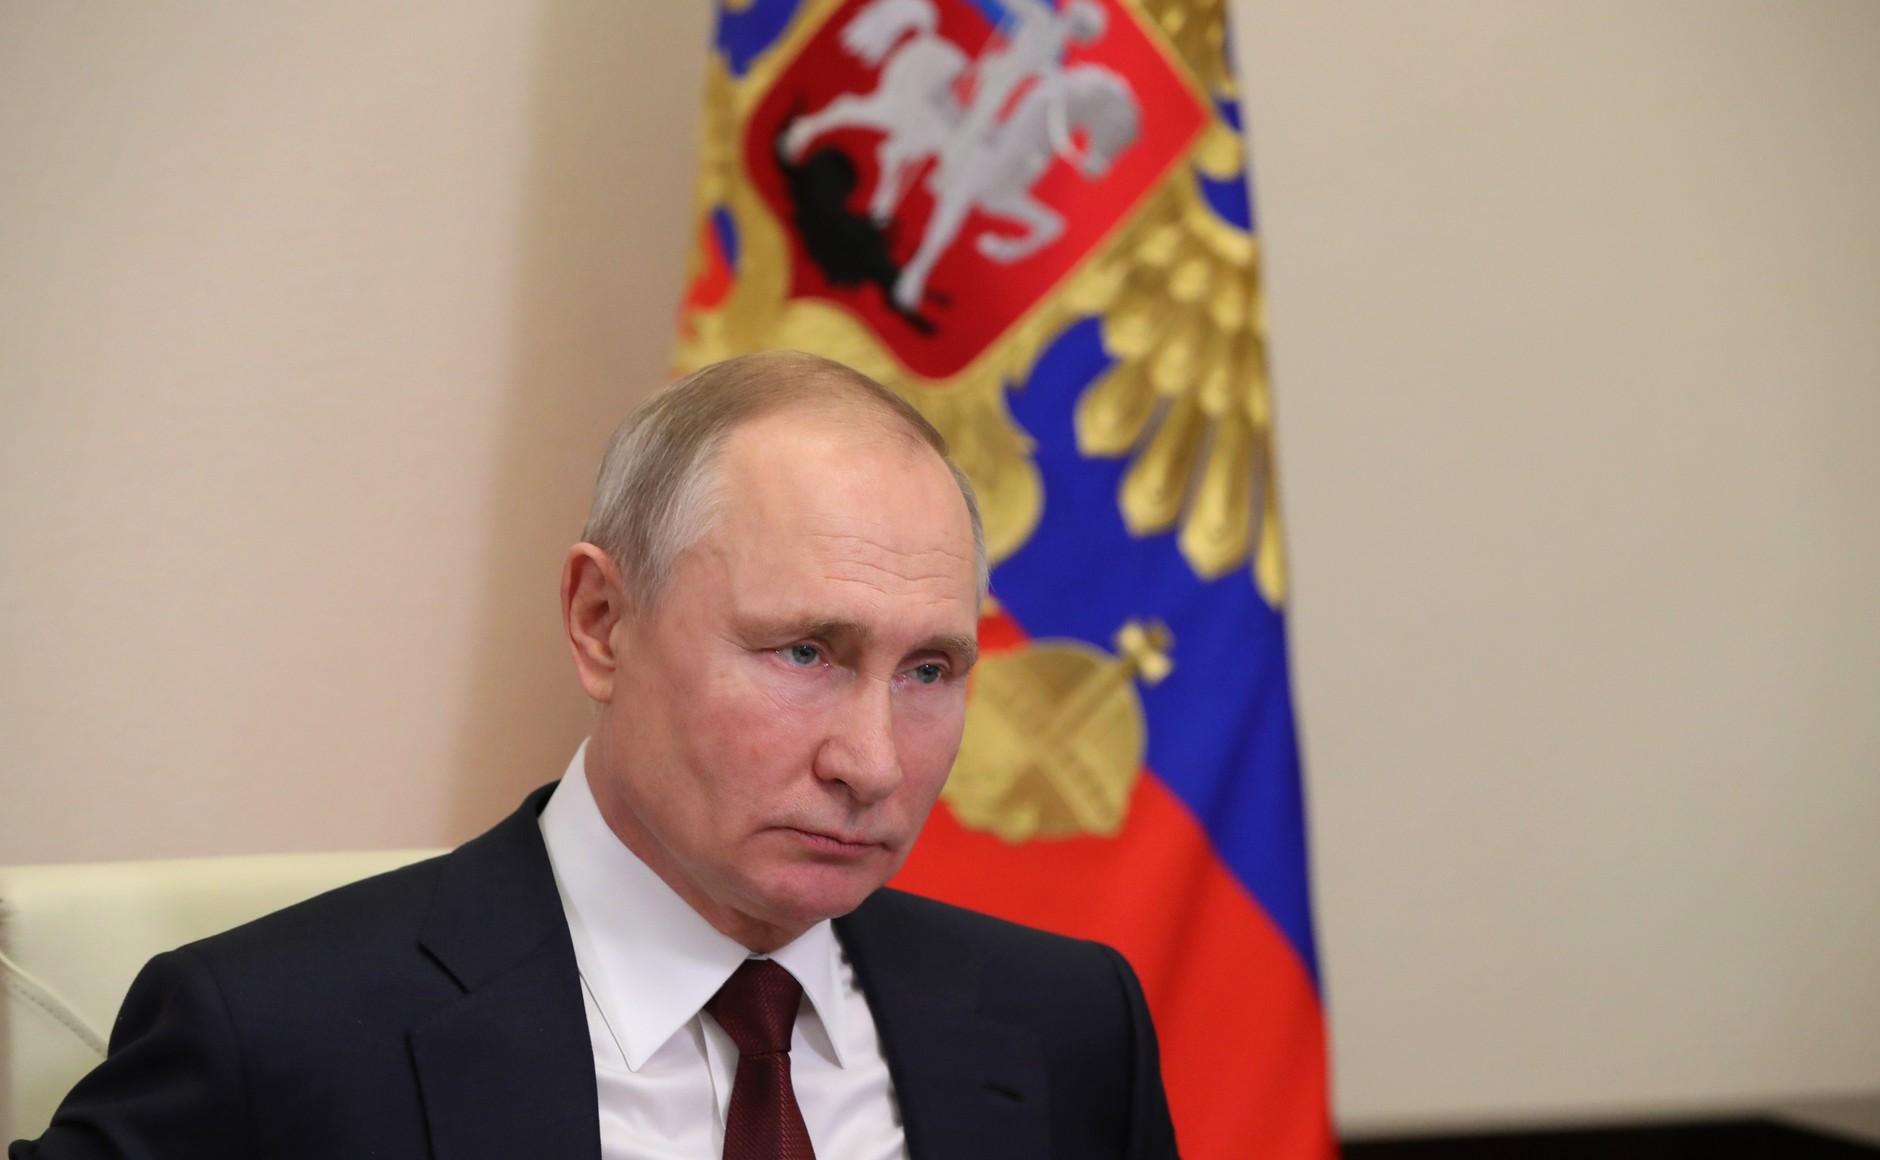 RUSSIE KREMLIN PH 3 SUR 3 Réunion du Conseil pour la science et l'éducation 8 février 2021